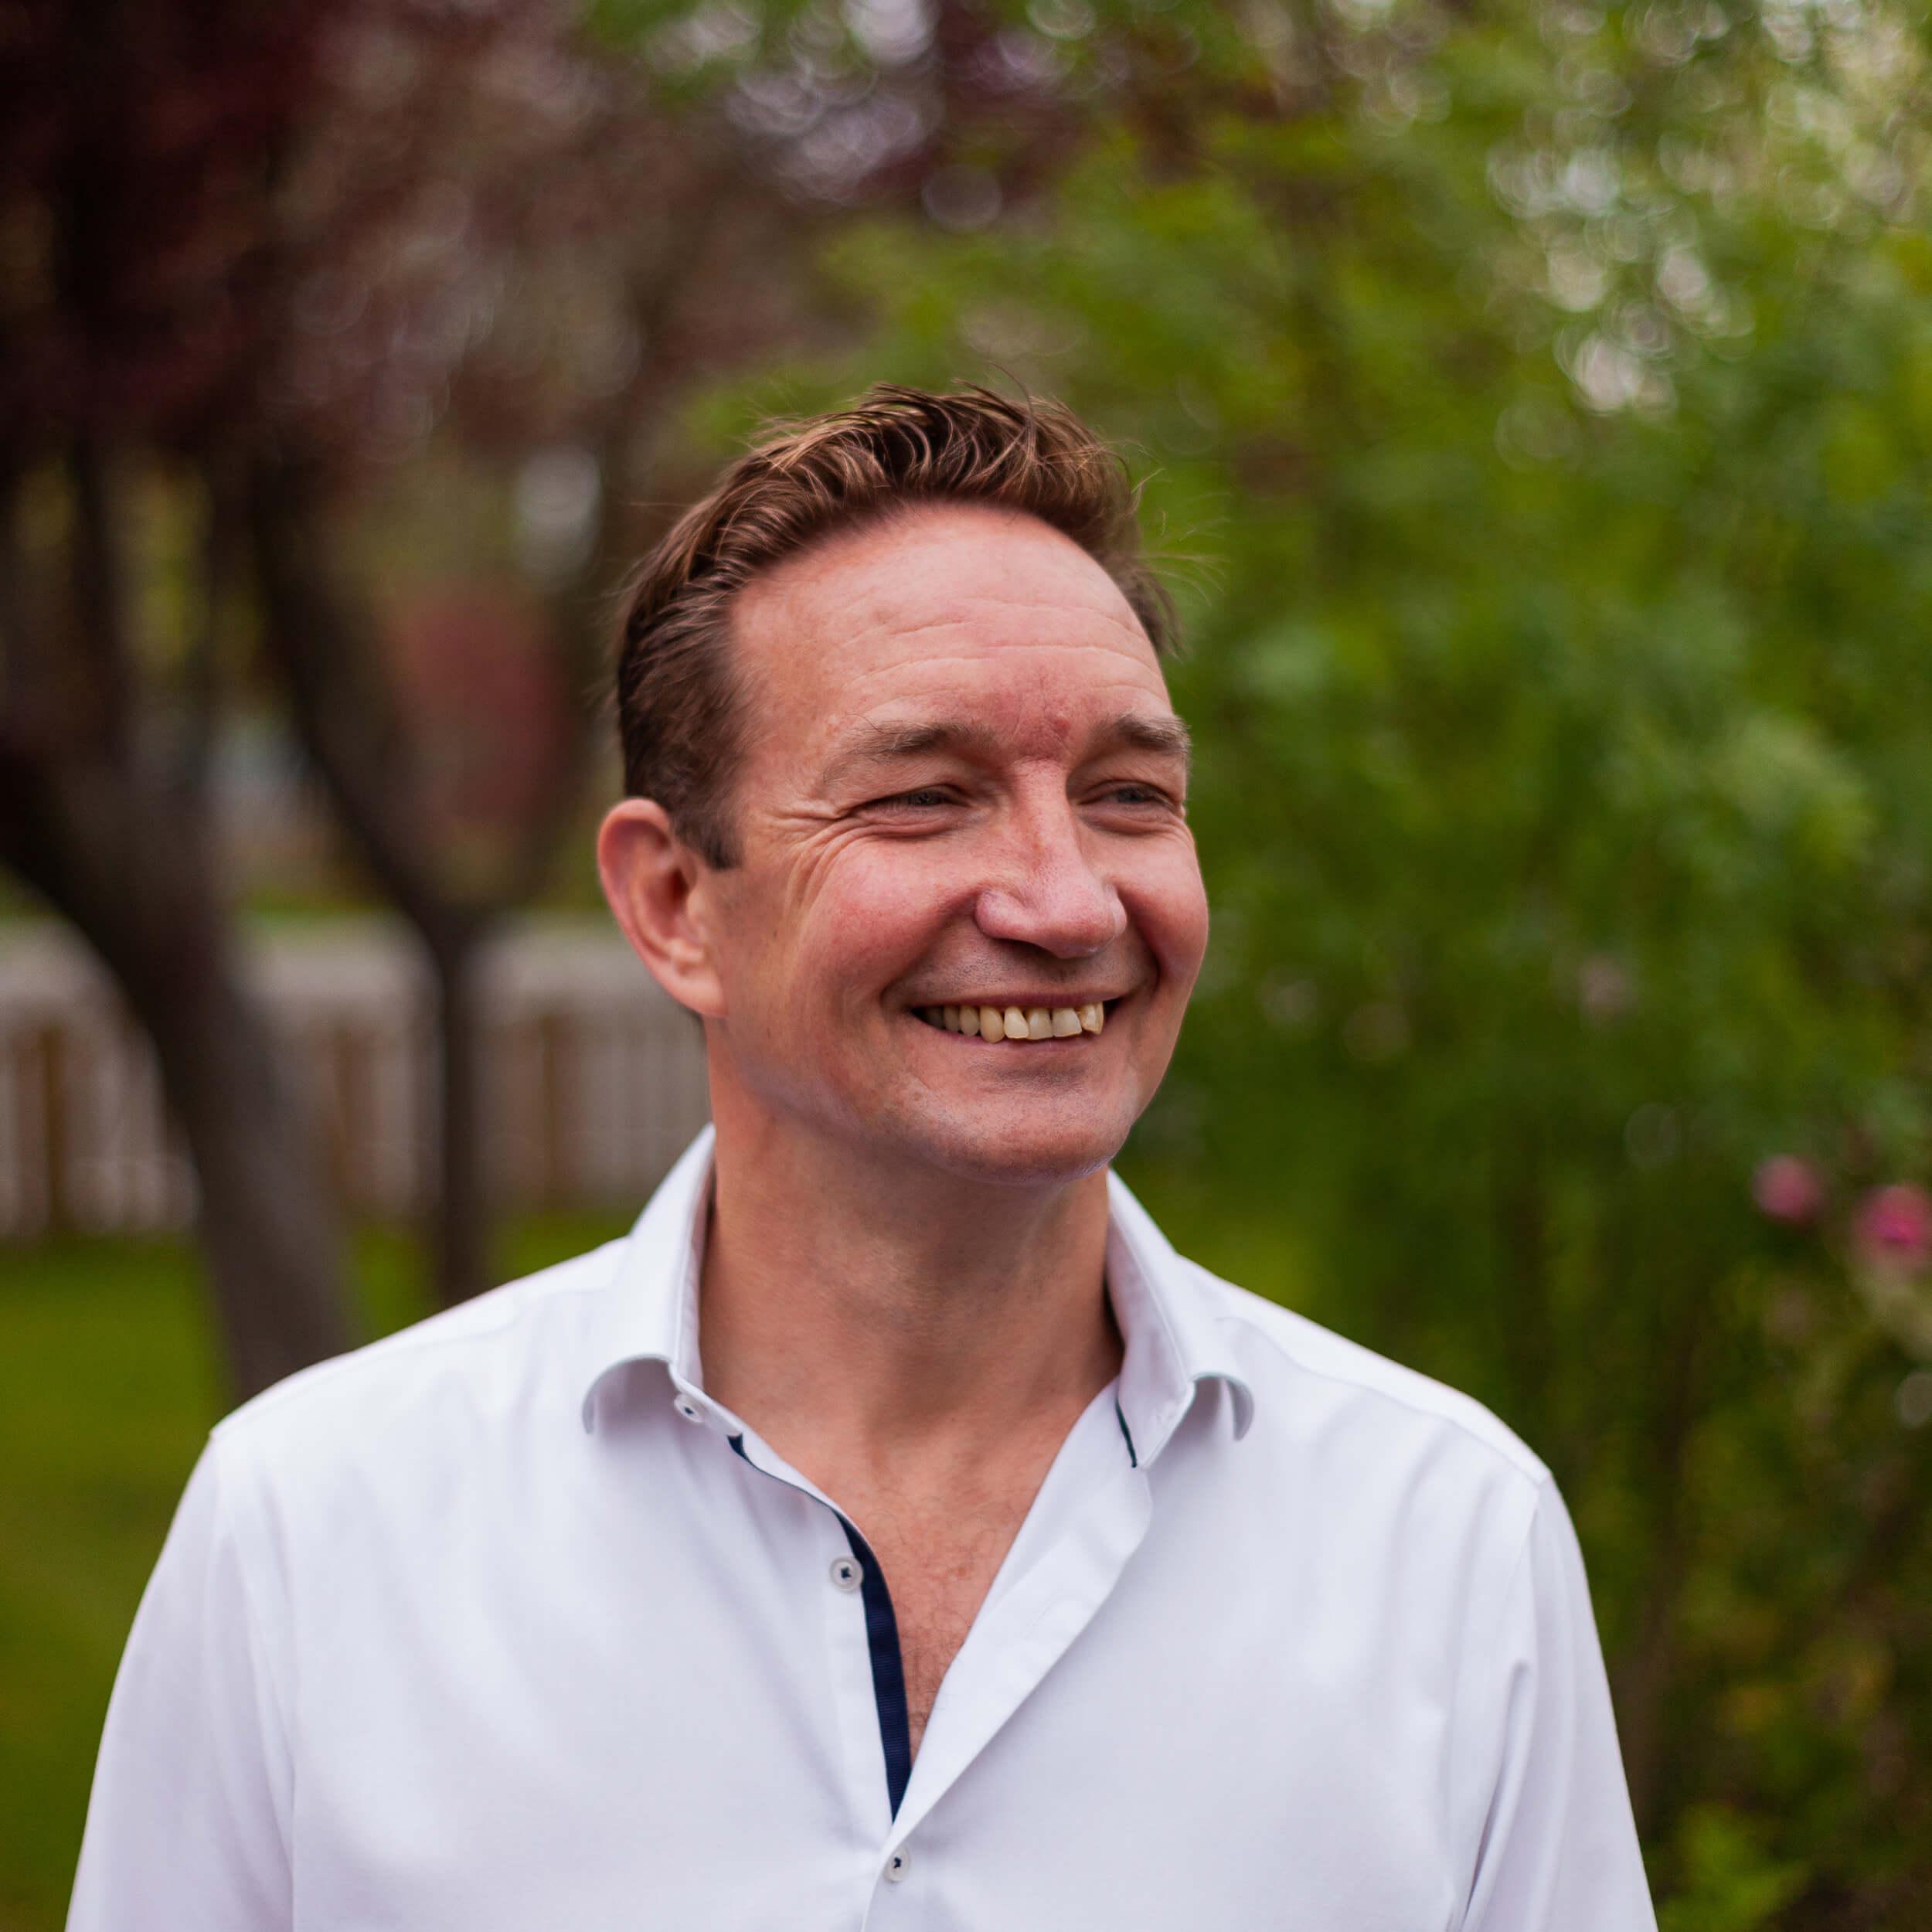 Andrew Evans - Director